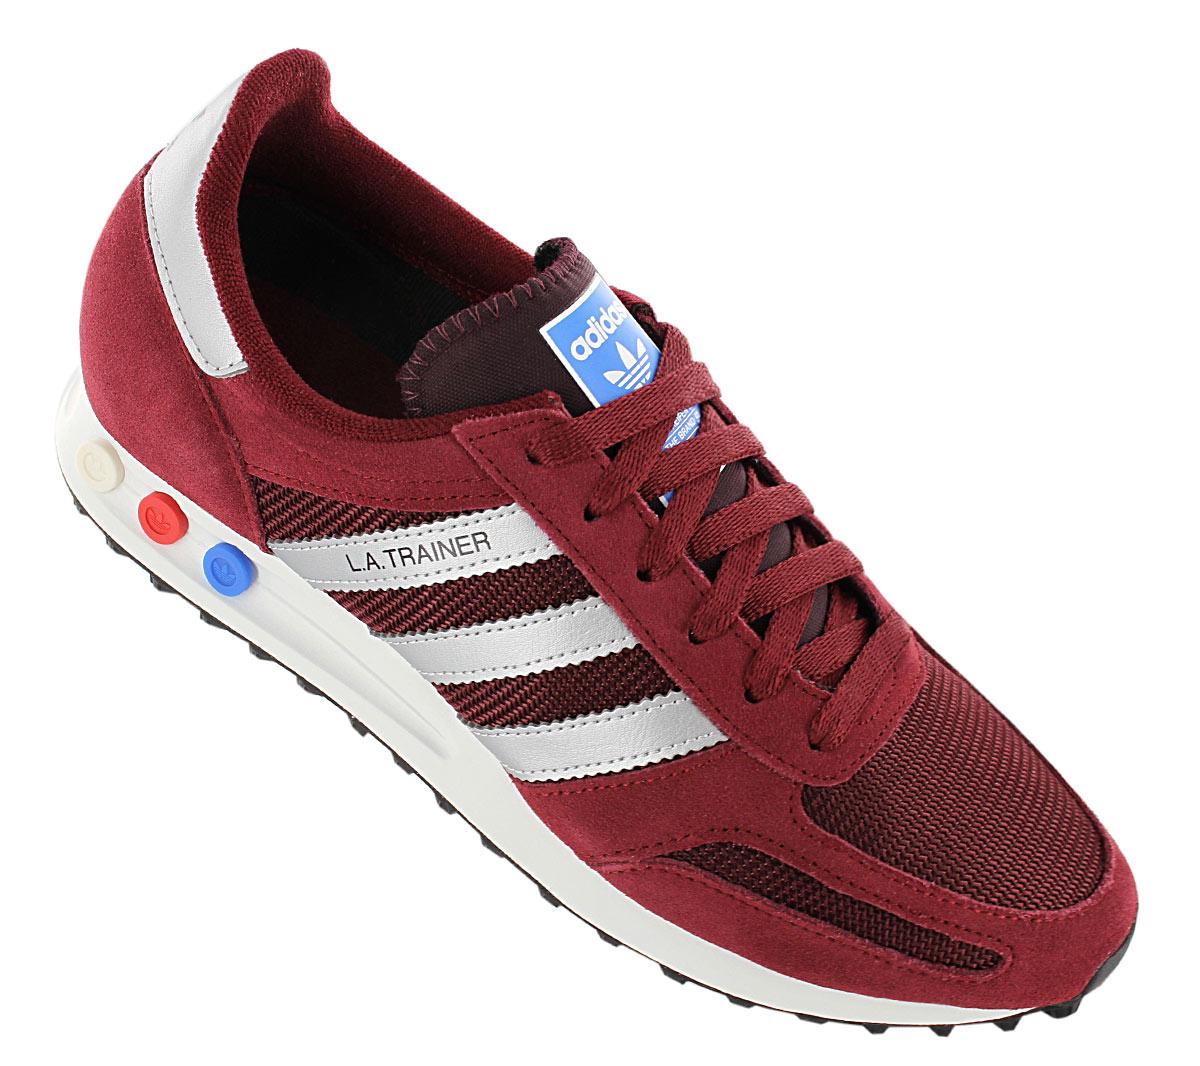 Details zu Adidas LA Trainer Schuhe Herren Originals Sneaker Turnschuhe burgundy AQ1182